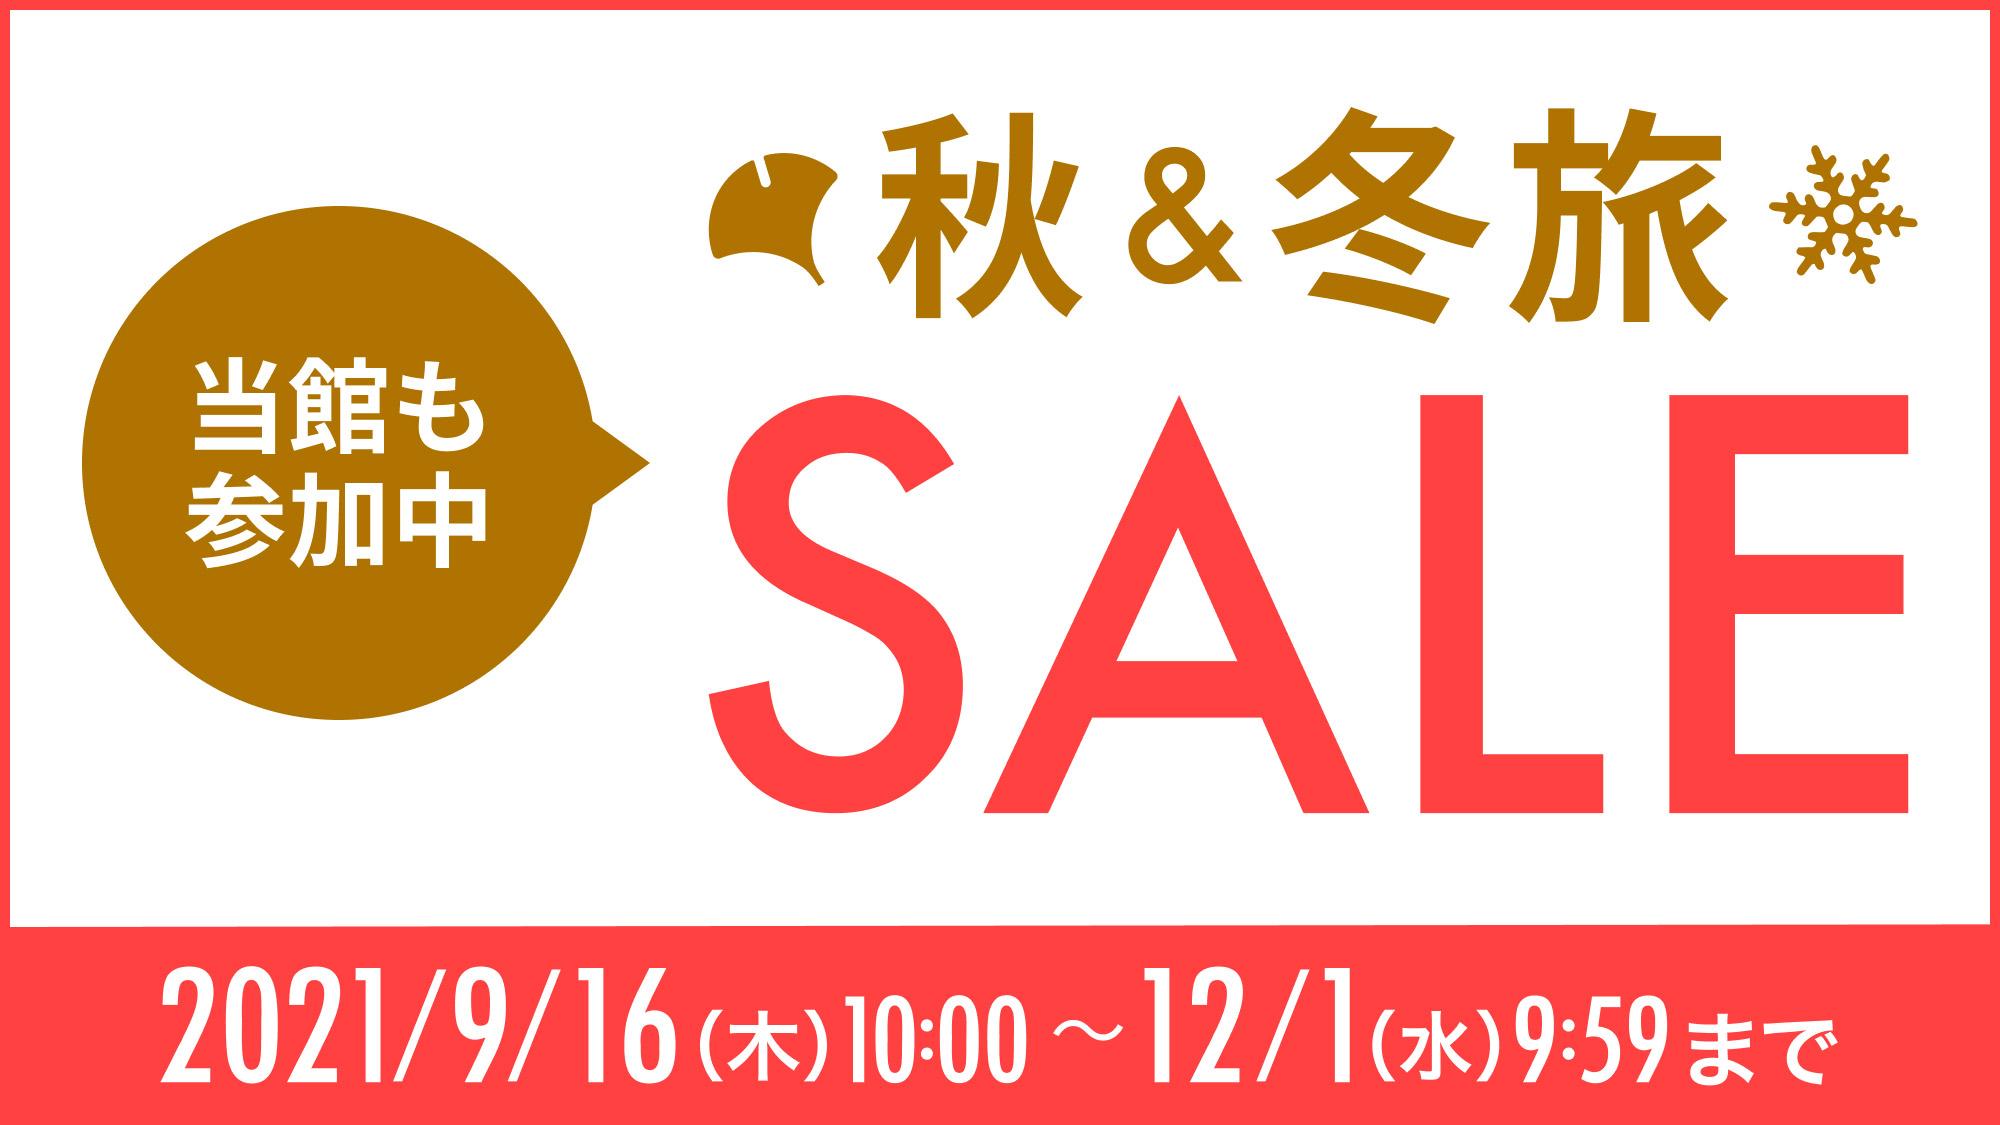 【秋冬旅セール】【予約人気NO.1】【ビジネス応援☆和洋朝食弁当付】